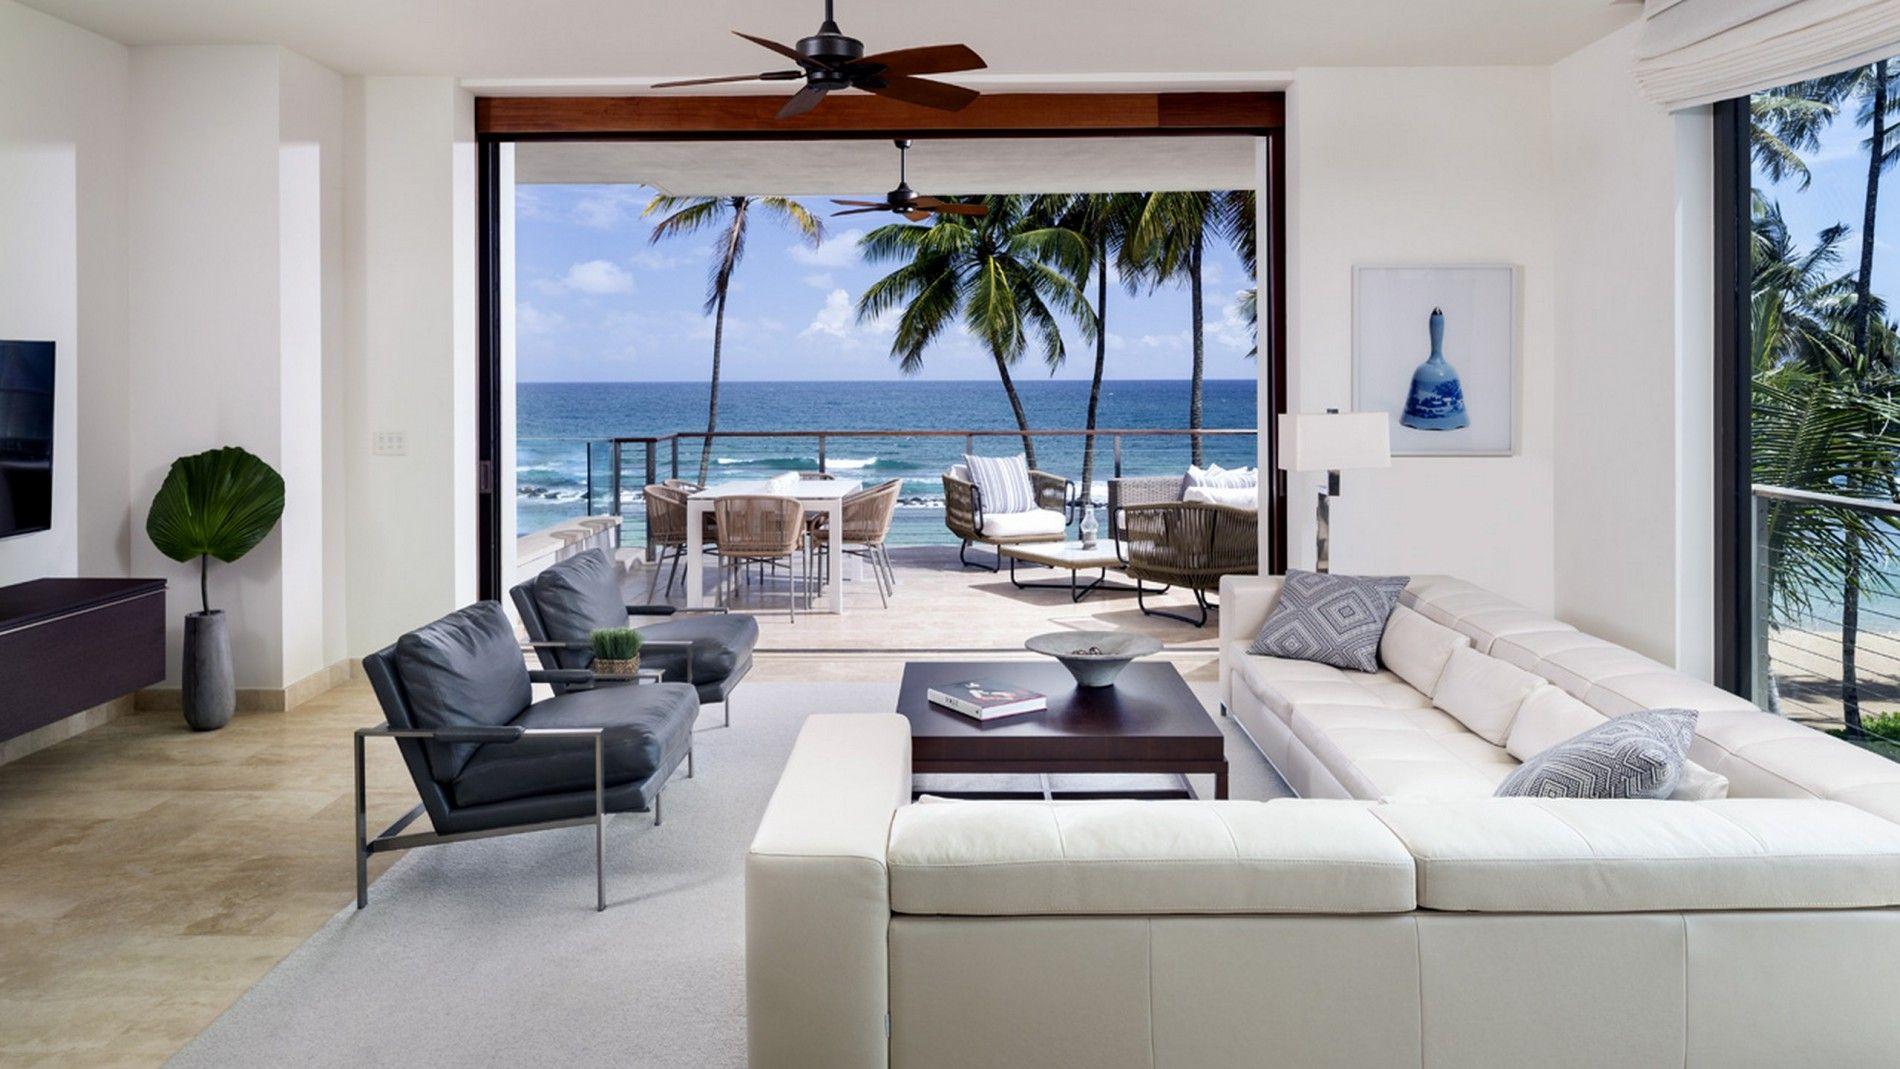 Image result for dorado beach entry Beach house design